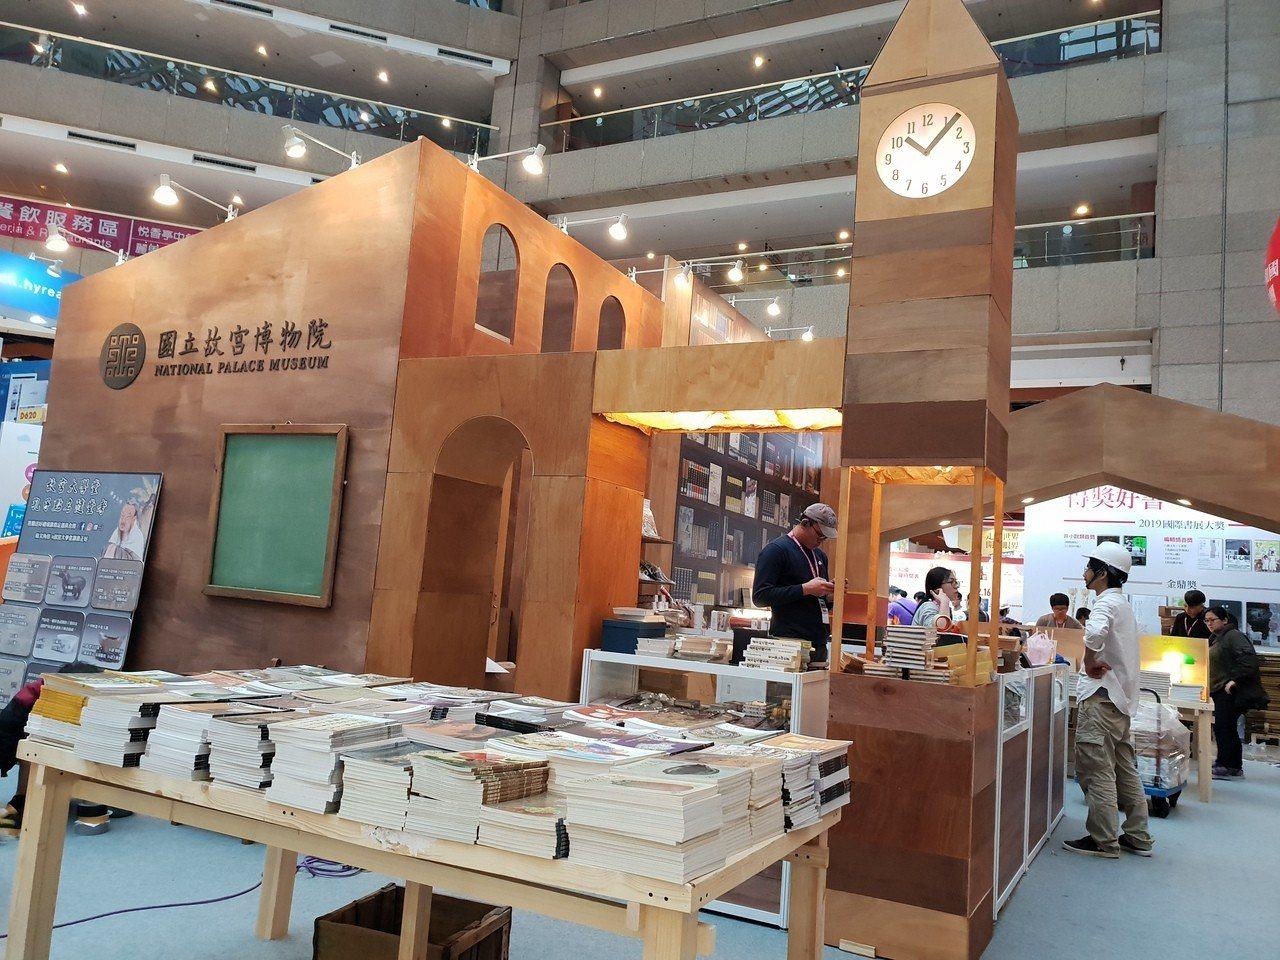 國立故宮博物院以「故宮大學堂」為主題策展,打造台灣早期學校復古讀書空間,推出九大...